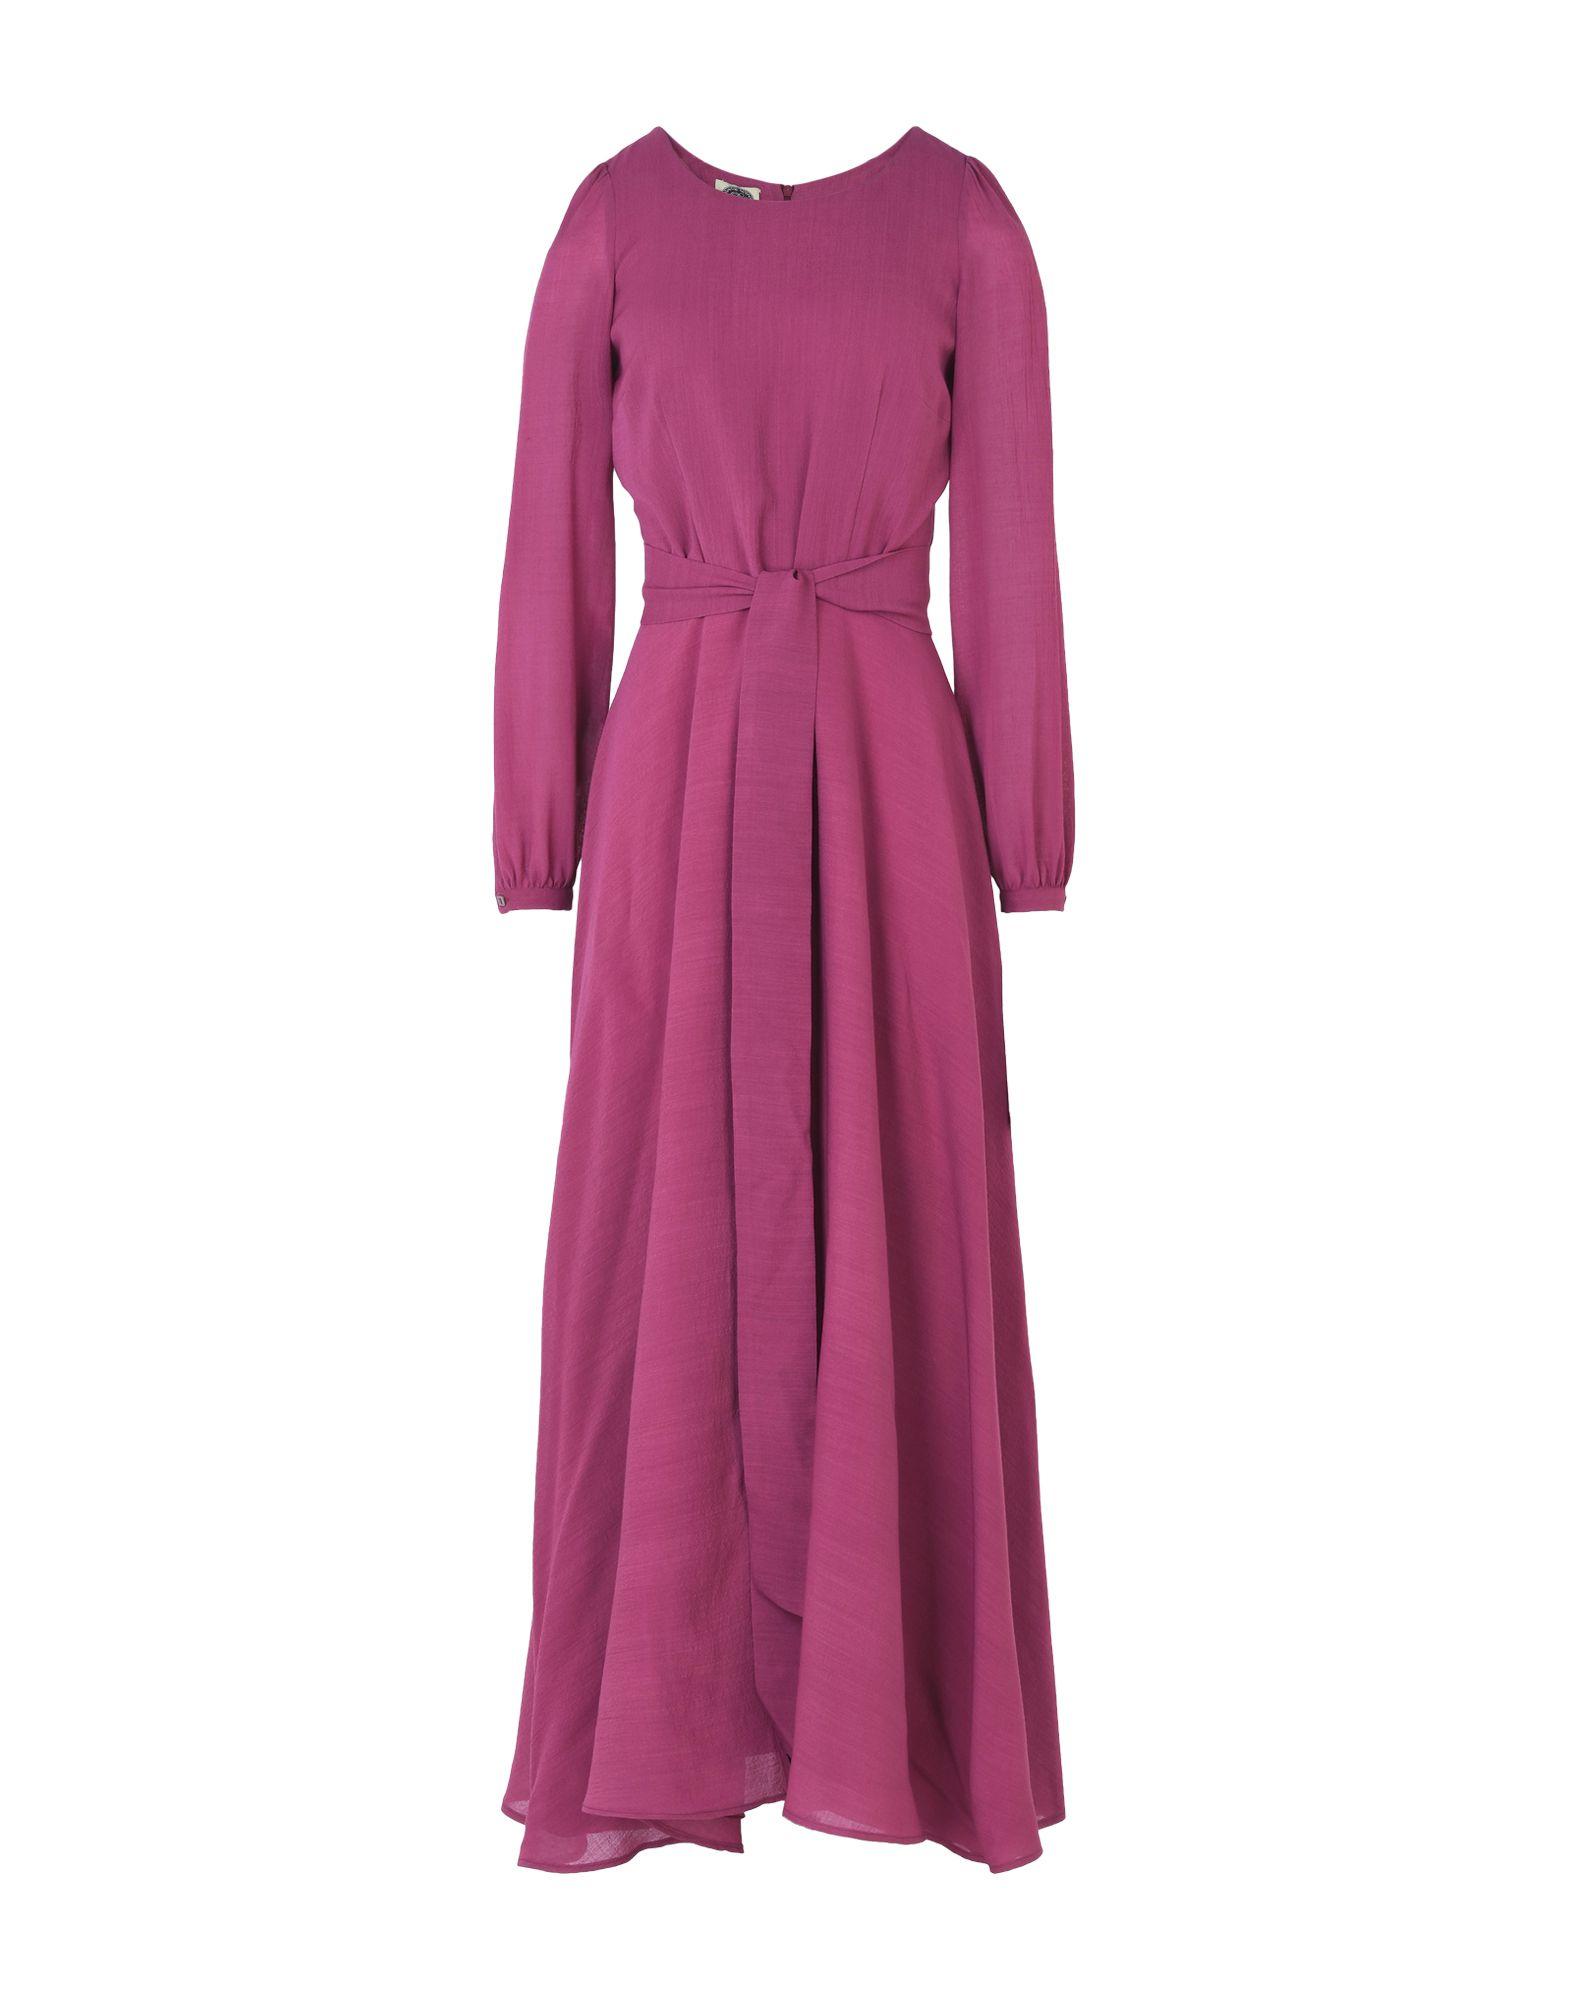 AM Длинное платье платье короткое спереди длинное сзади летнее